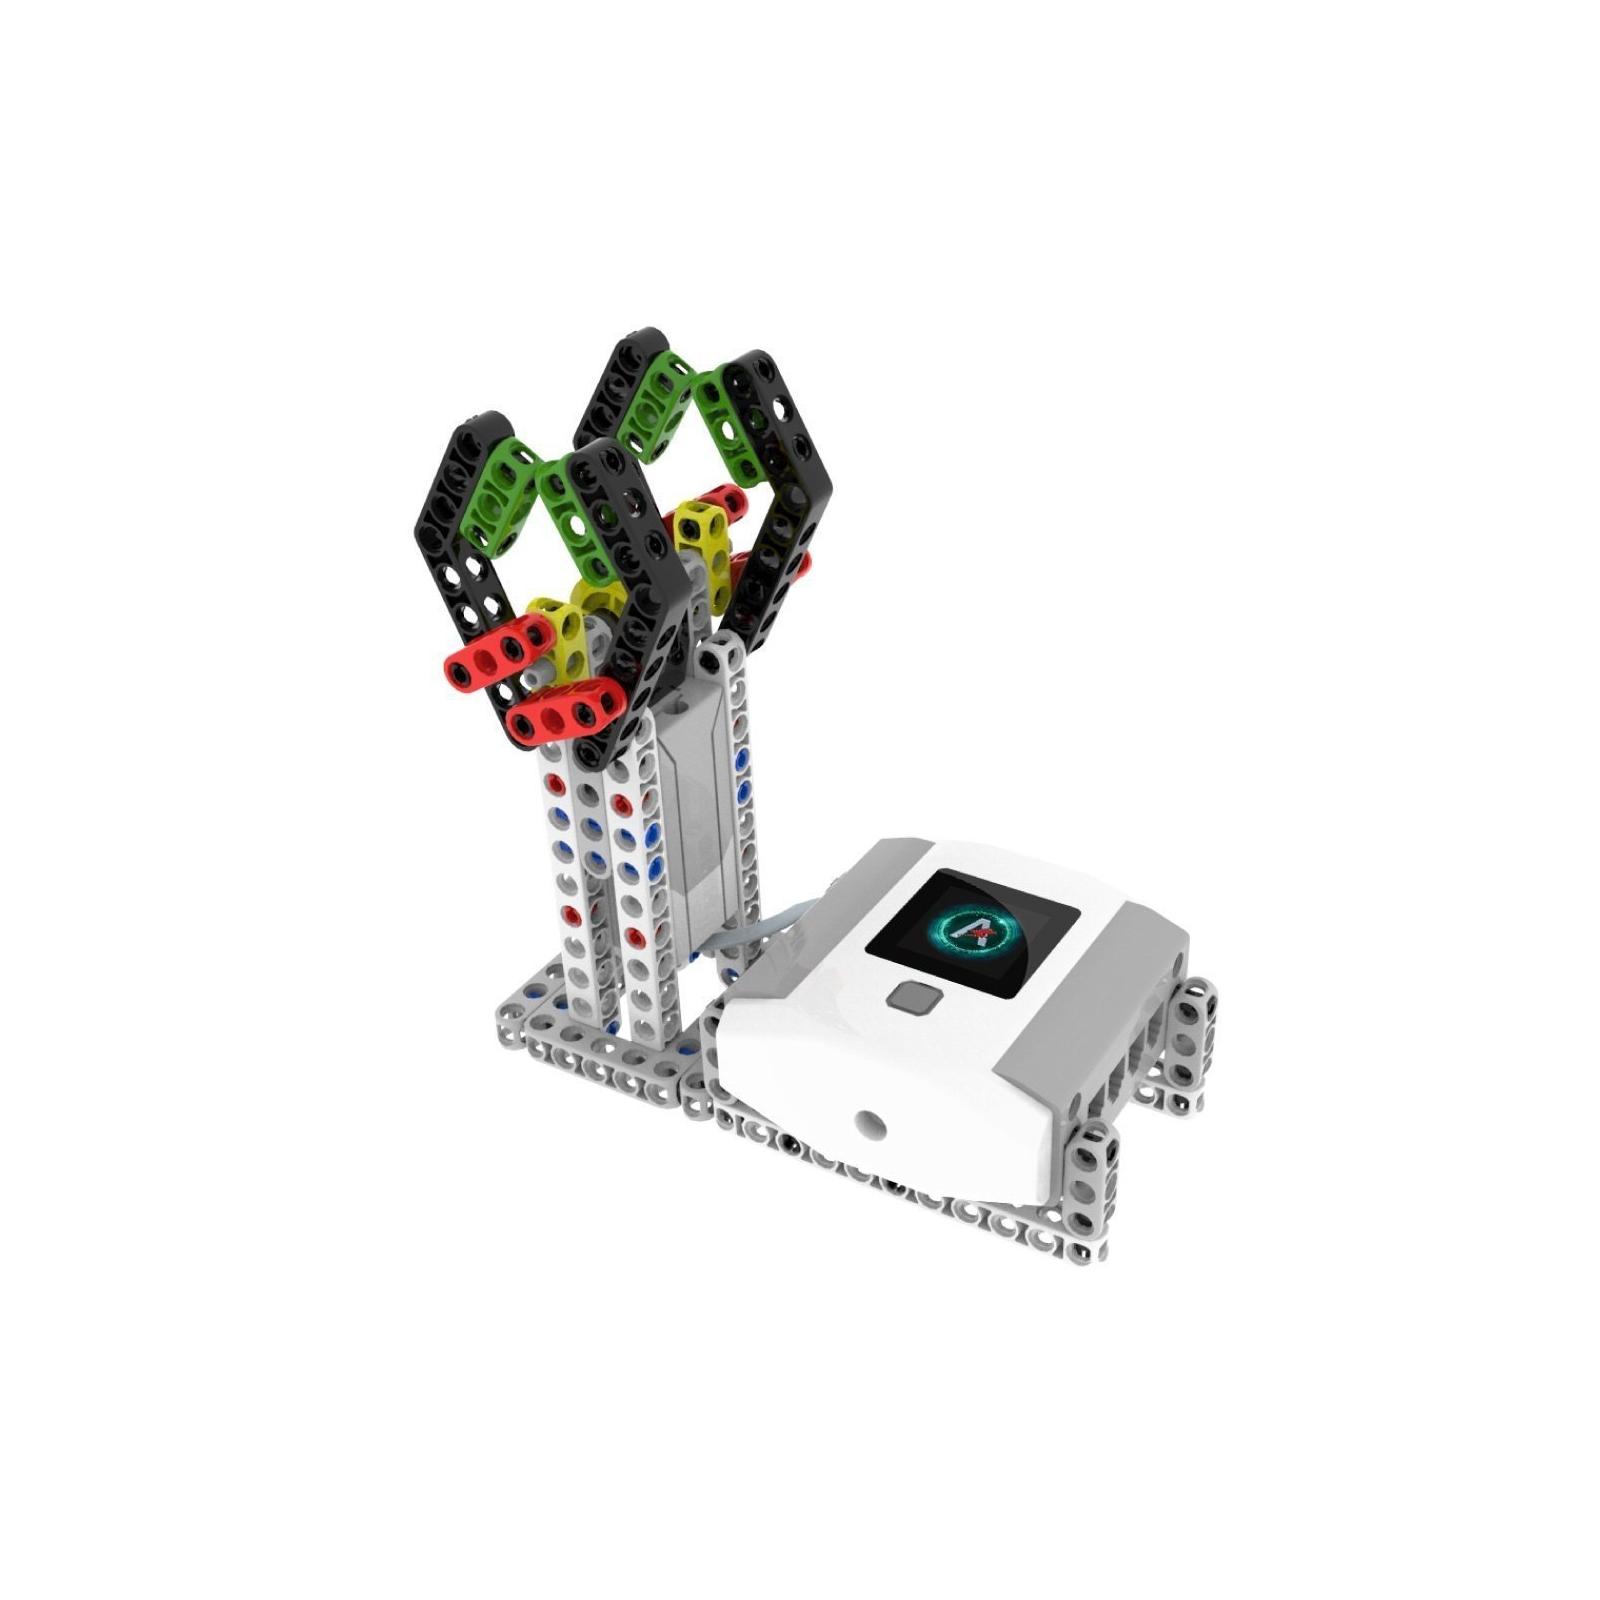 Робот Abilix Krypton 1 (Krypton_1) изображение 5